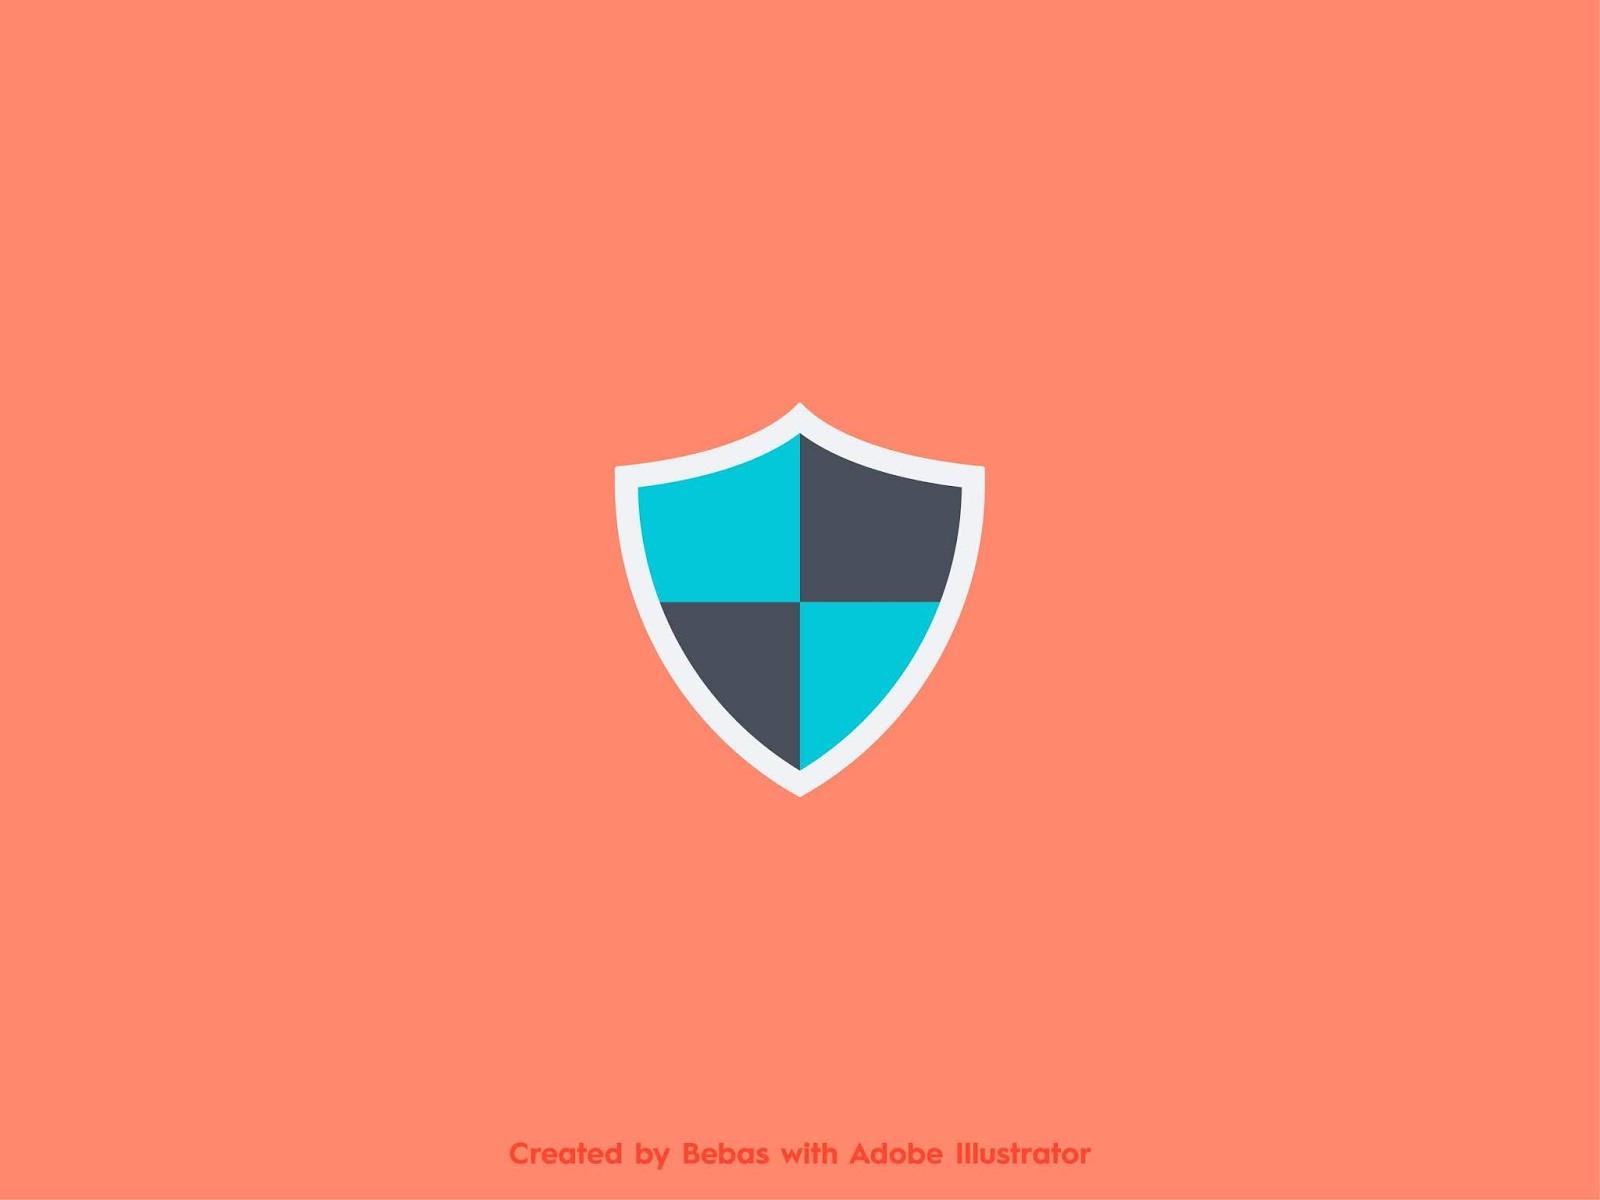 UC Browser Untuk android Bisa Digunakan Untuk Mendistribusikan Virus Malware